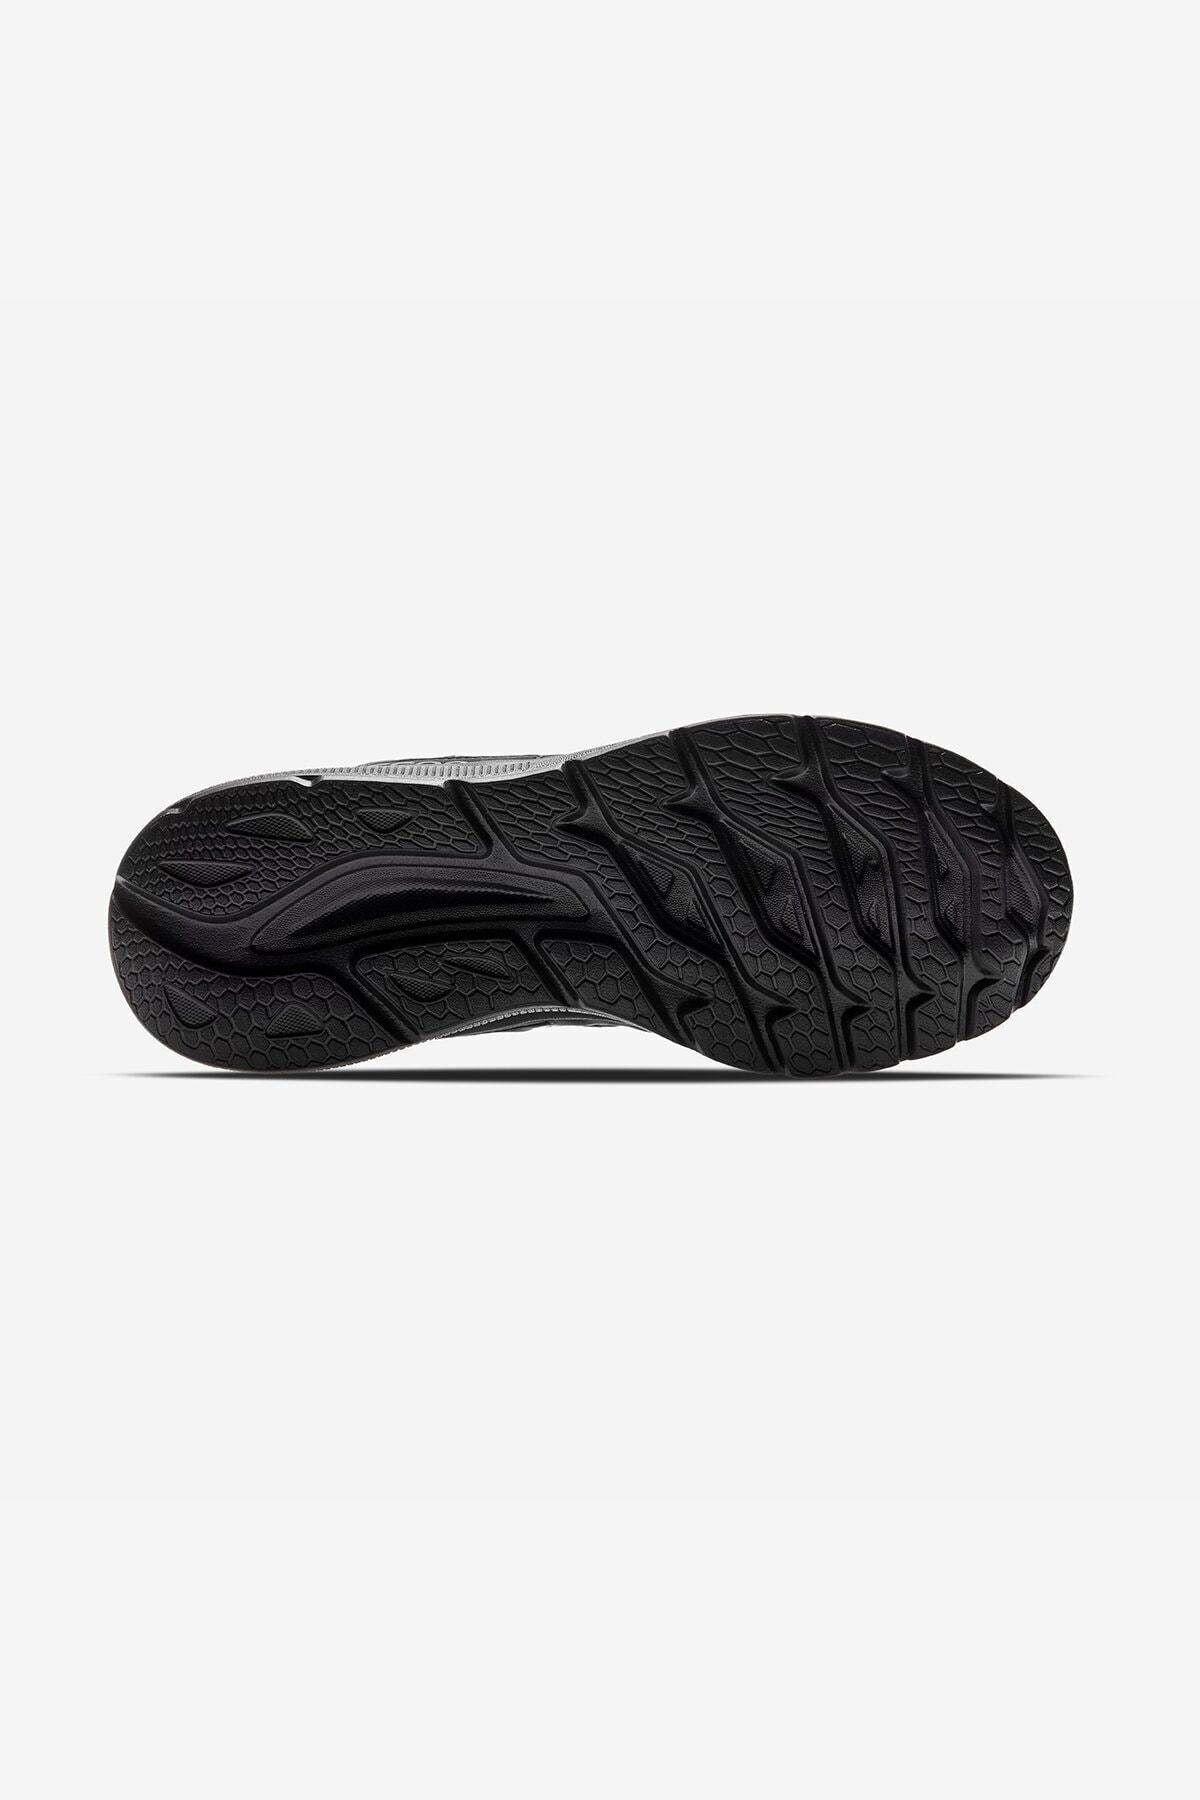 Lescon Hellium Cross 2 Siyah Erkek Spor Ayakkabı